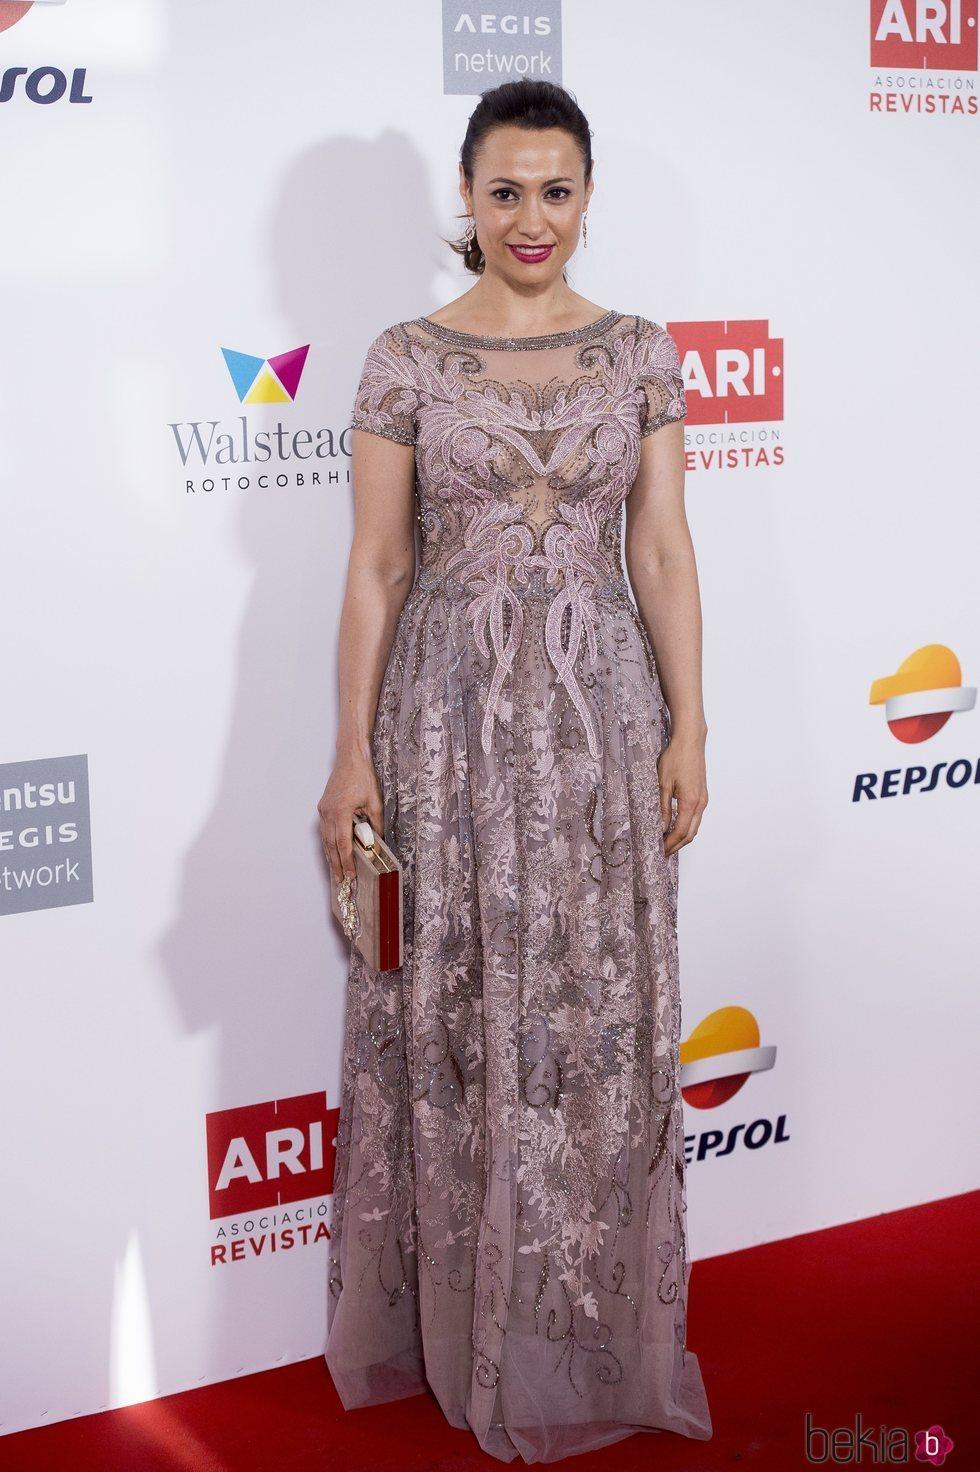 Natalia Verbeke en los Premios Ari 2018